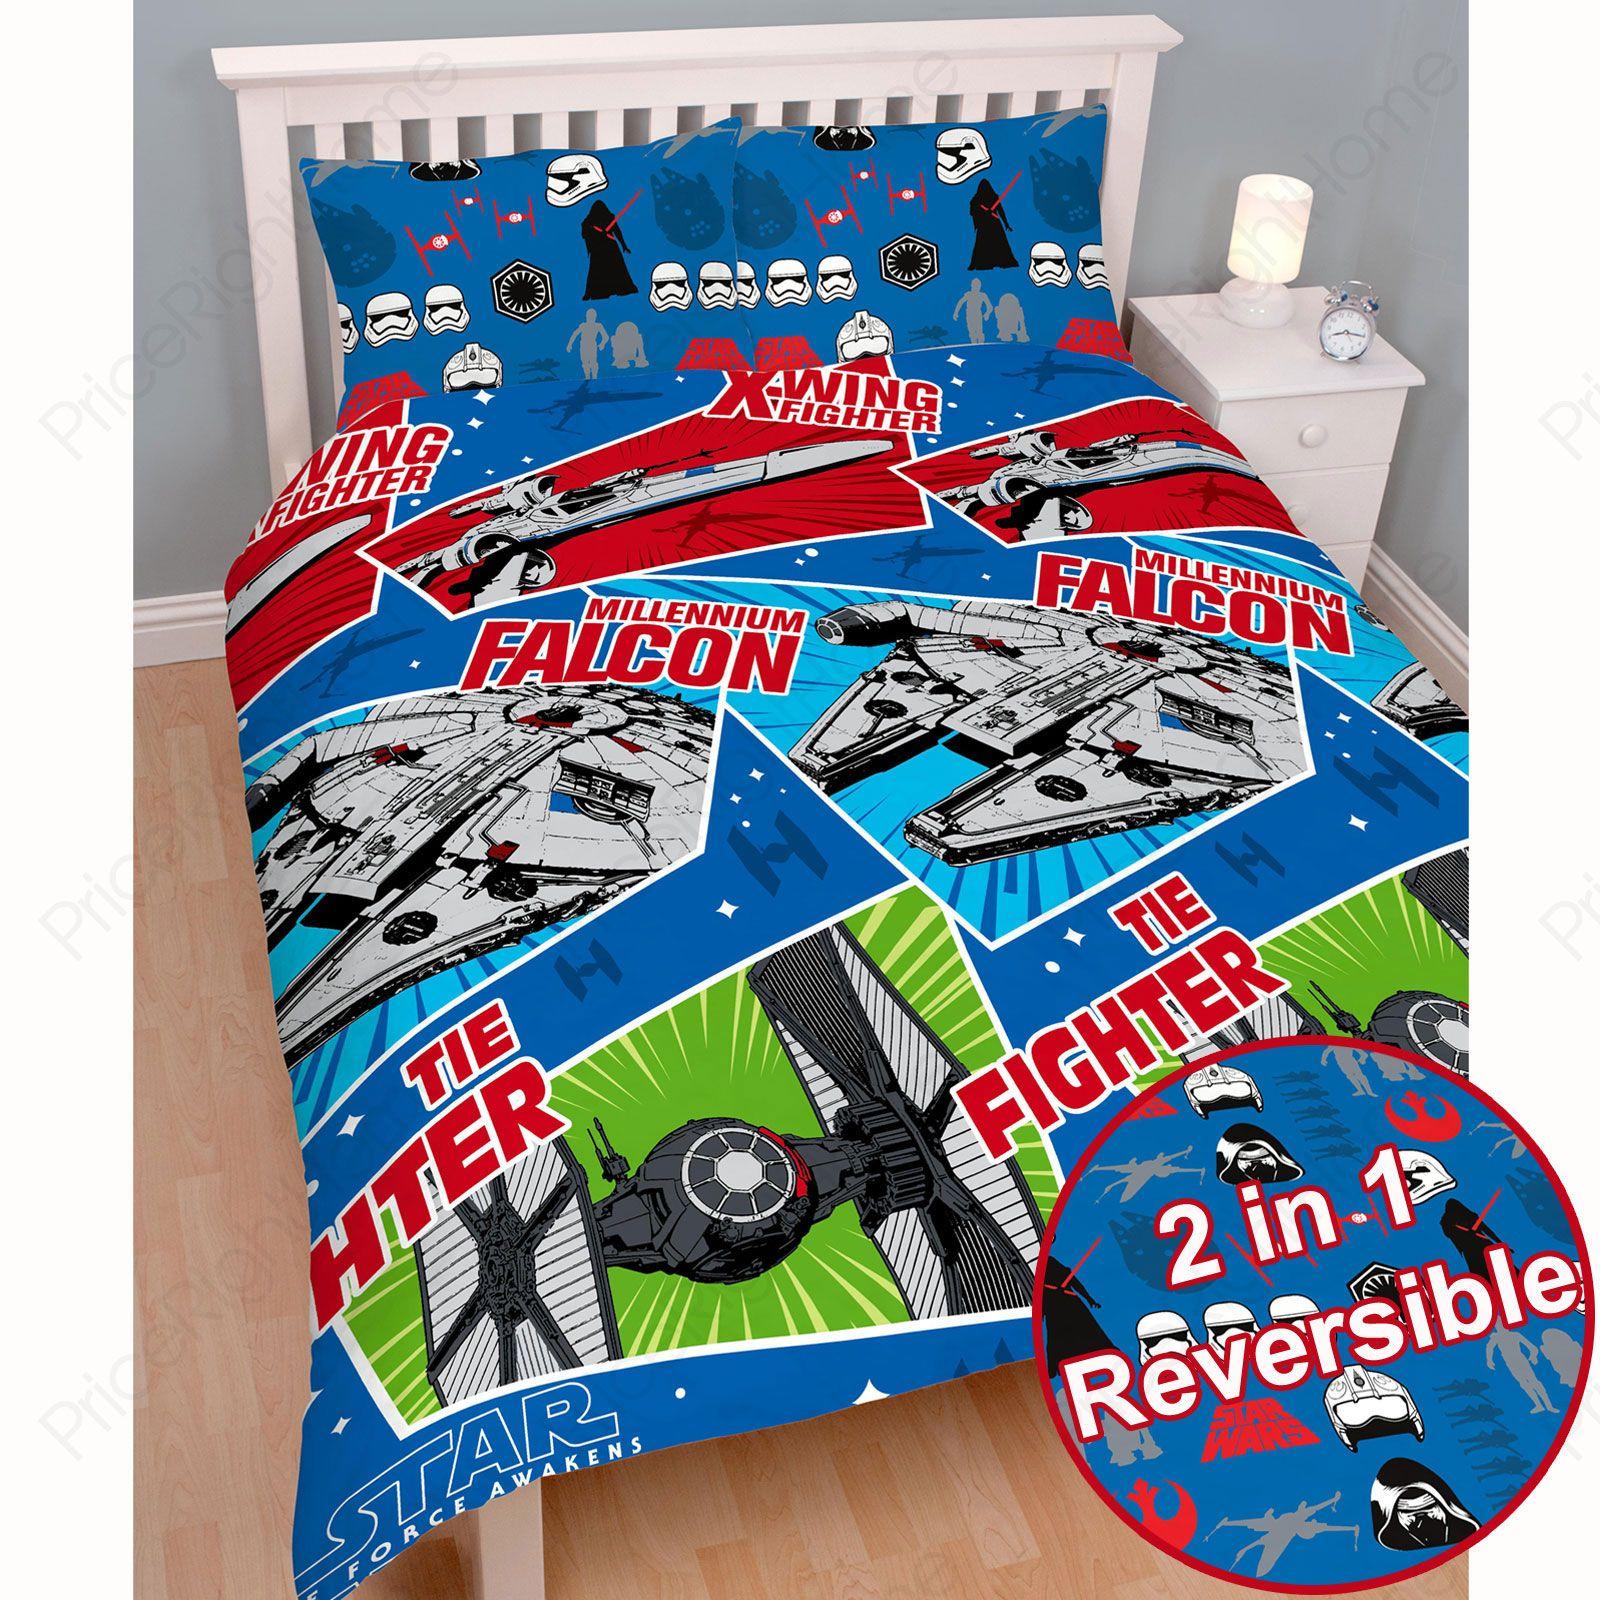 star wars pisode vii 039 artisanat 039 housse de couette double nouvelle force r veil ebay. Black Bedroom Furniture Sets. Home Design Ideas